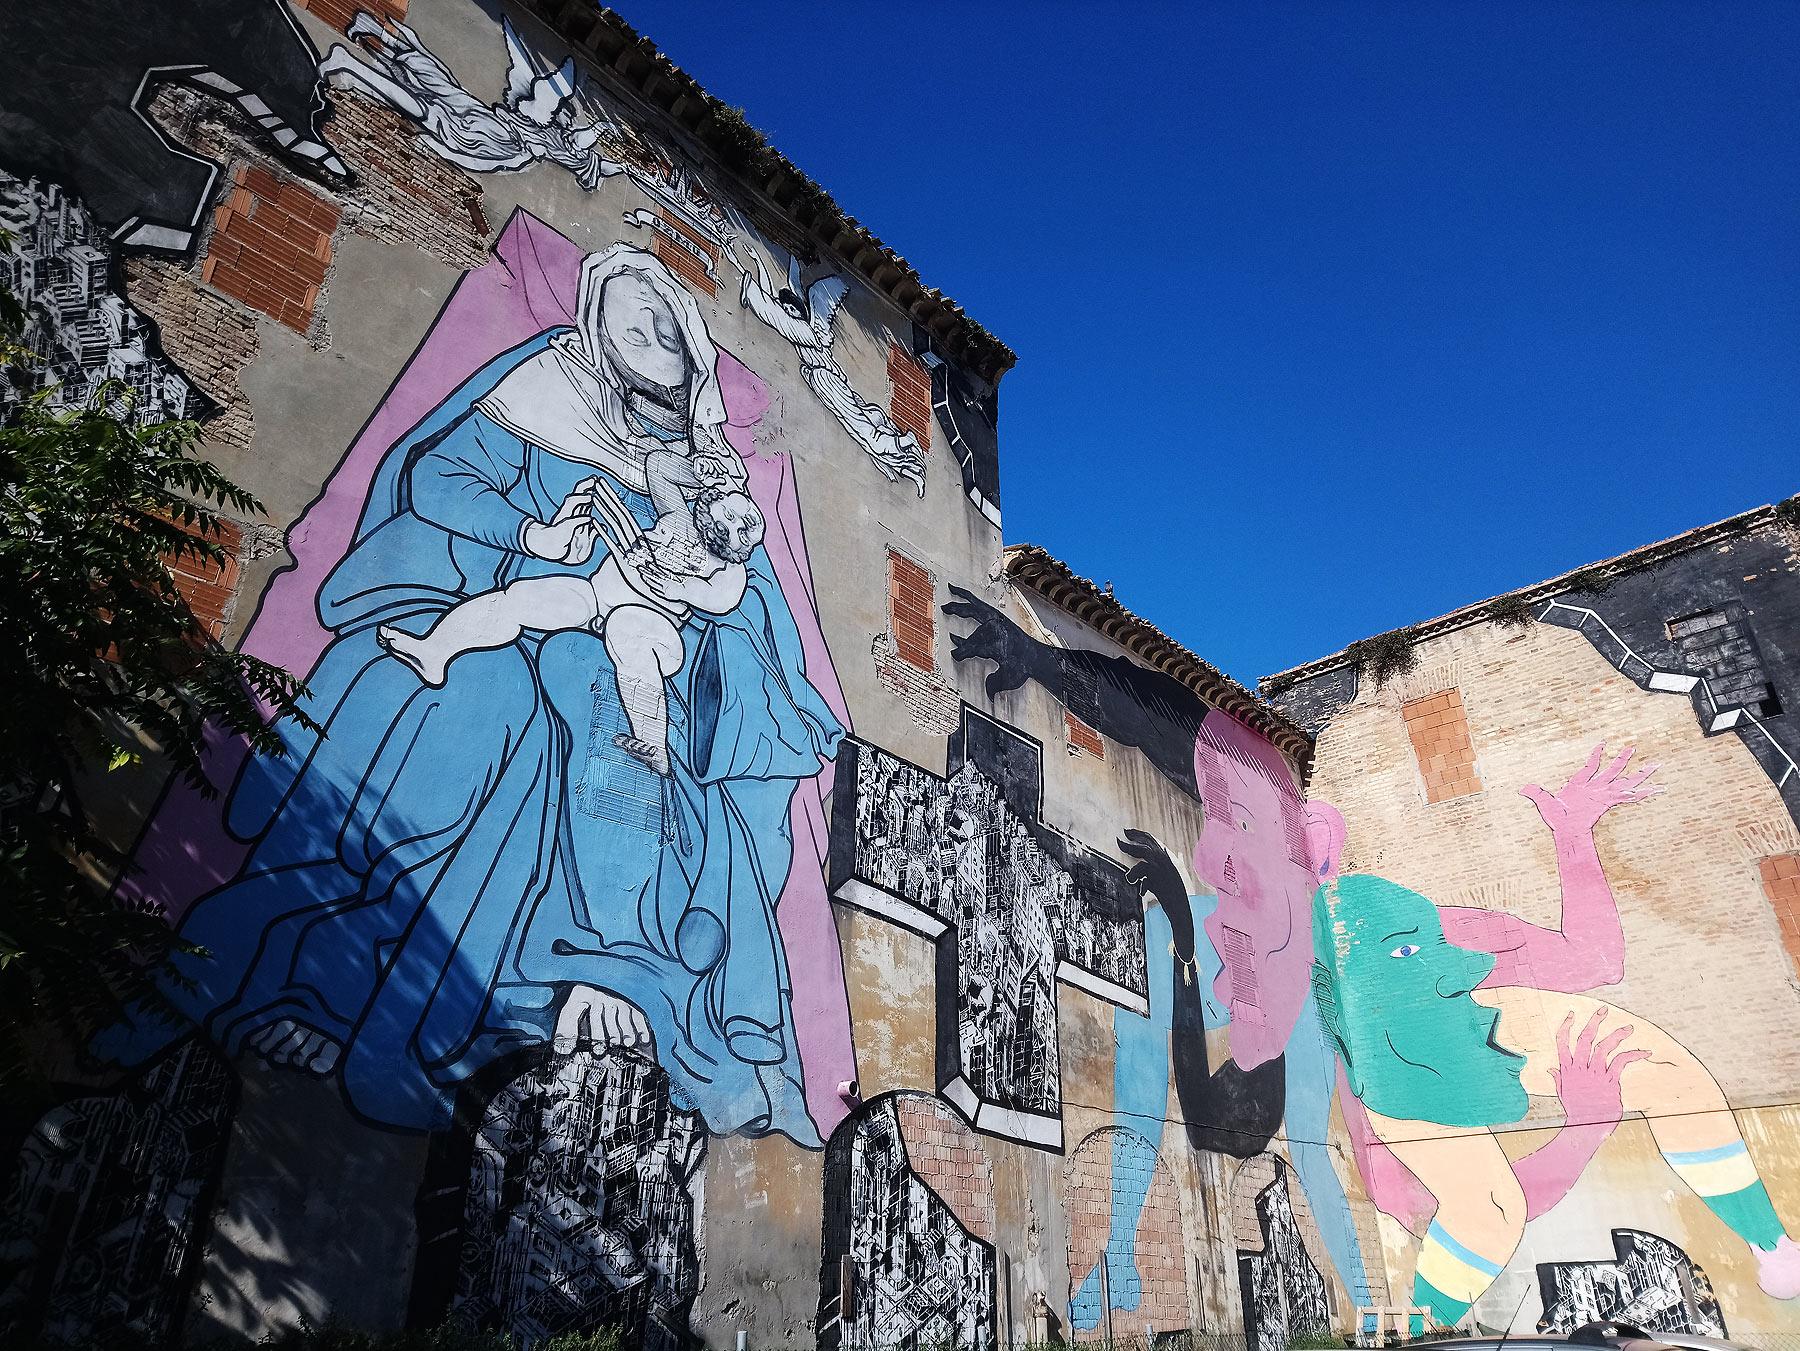 Il MiBACT pubblicherà la prima mappa delle opere di street art in Italia